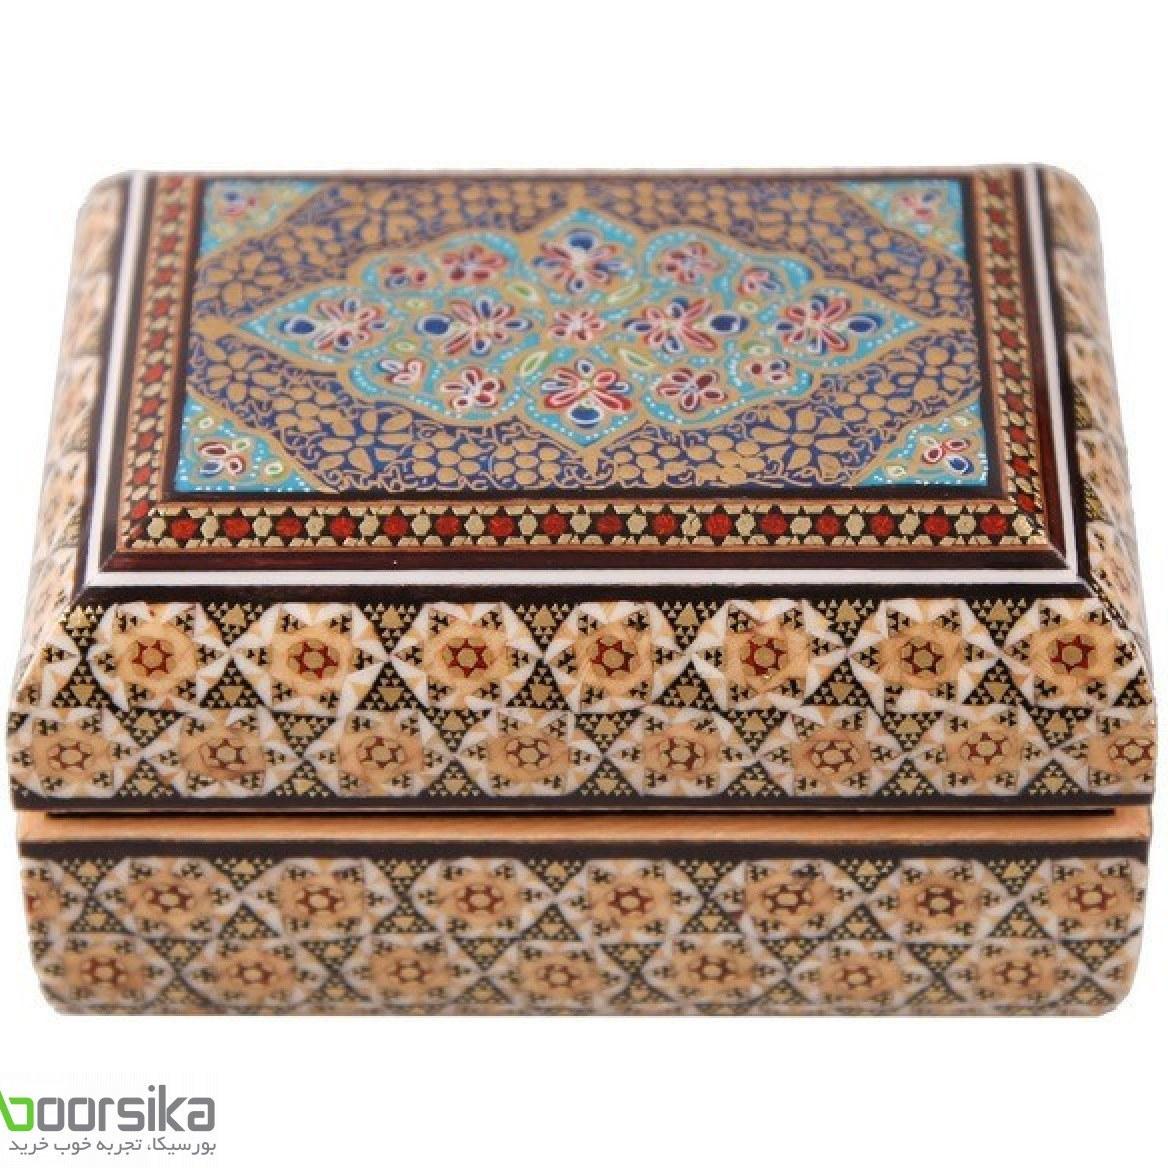 جعبه جواهرات خاتم استاد کروبی مدل 141155